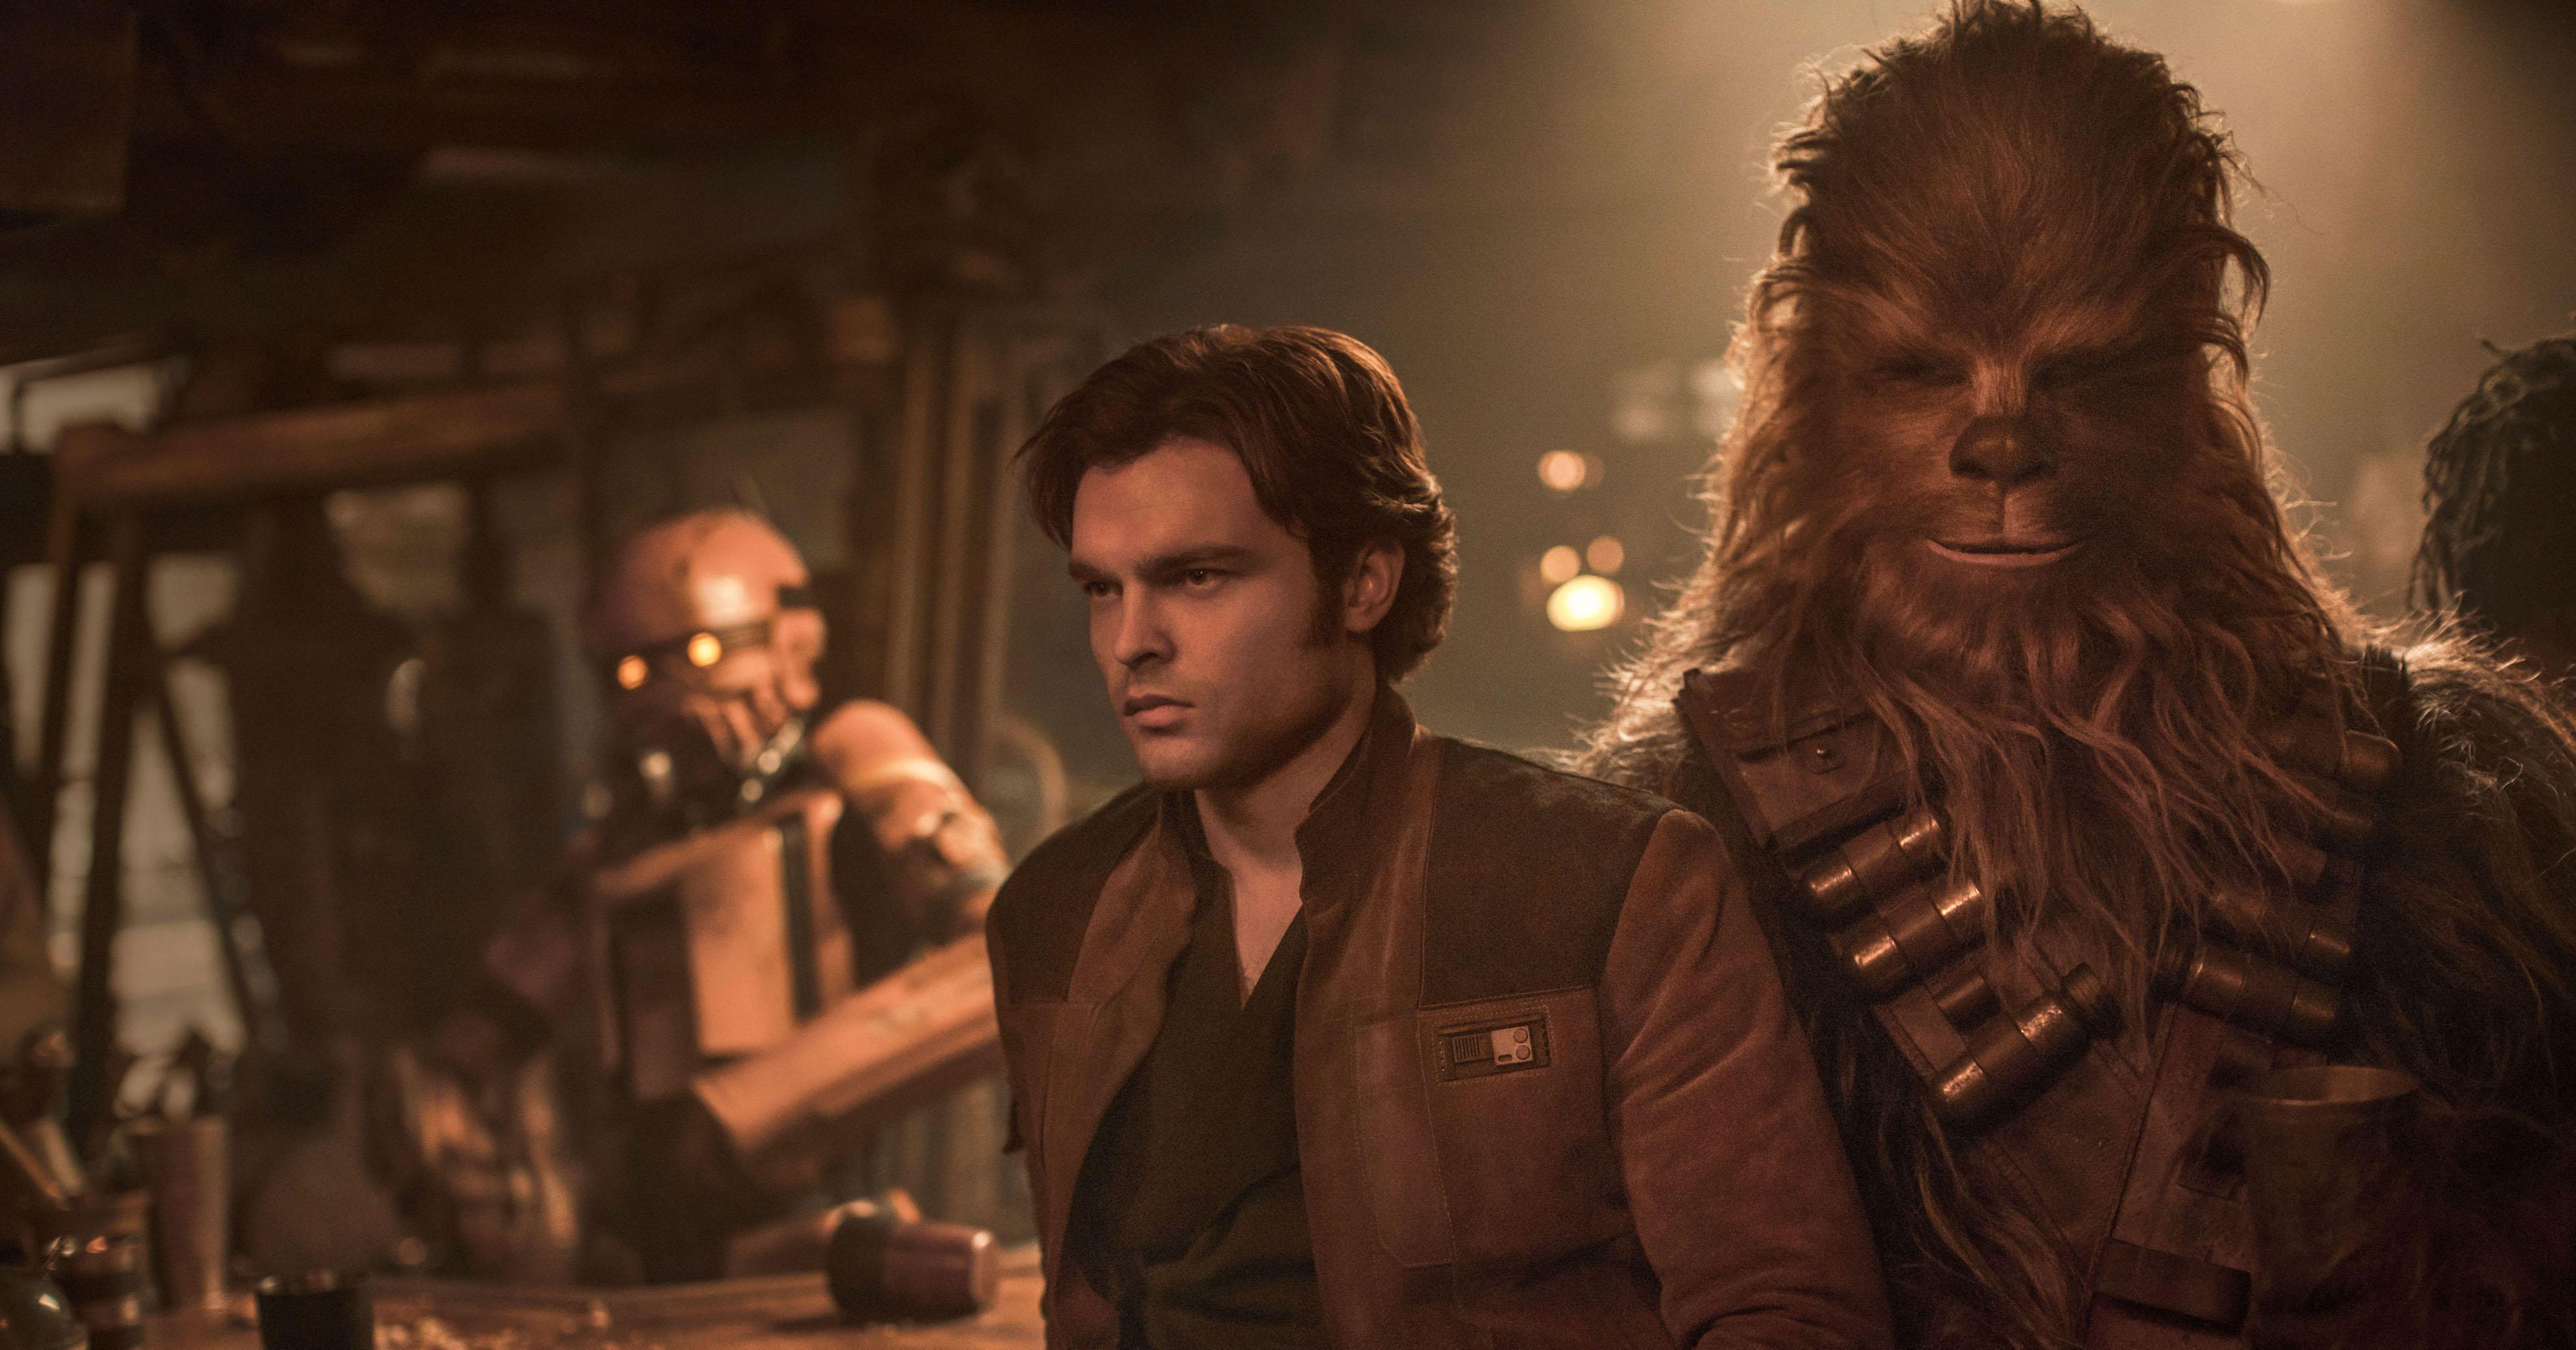 El nuevo Spin-off de Star Wars, Han Solo, lidera con los números más bajos de la franquicia desde que la compró Disney, con números muy decepcionantes. Deadpool 2 cae más de lo esperado y Vengadores: Infinity War sobrepasa los 1.900 millones